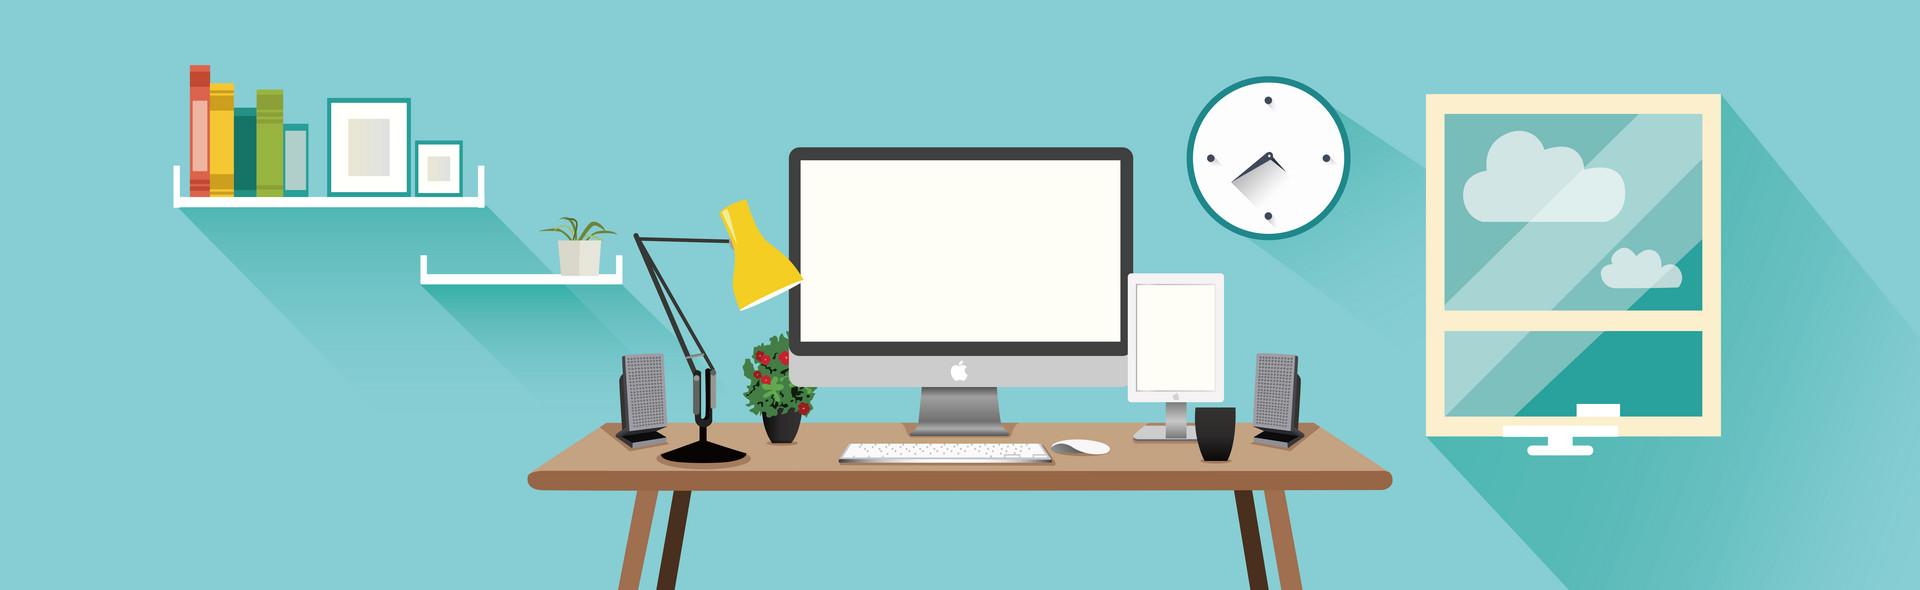 企业应该给予员工的福利是什么?